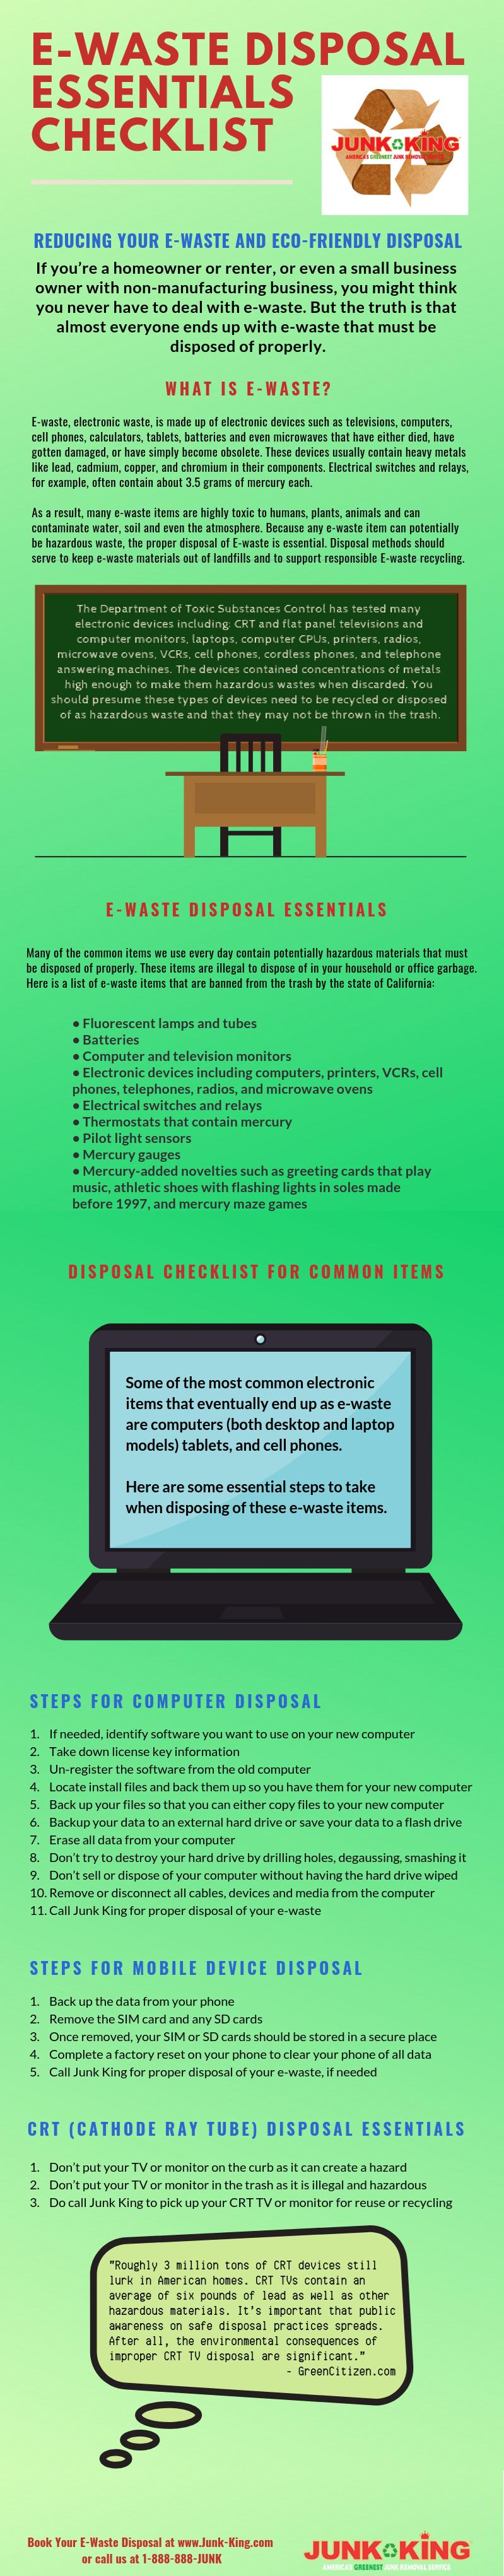 e-waste_checklist_graphic